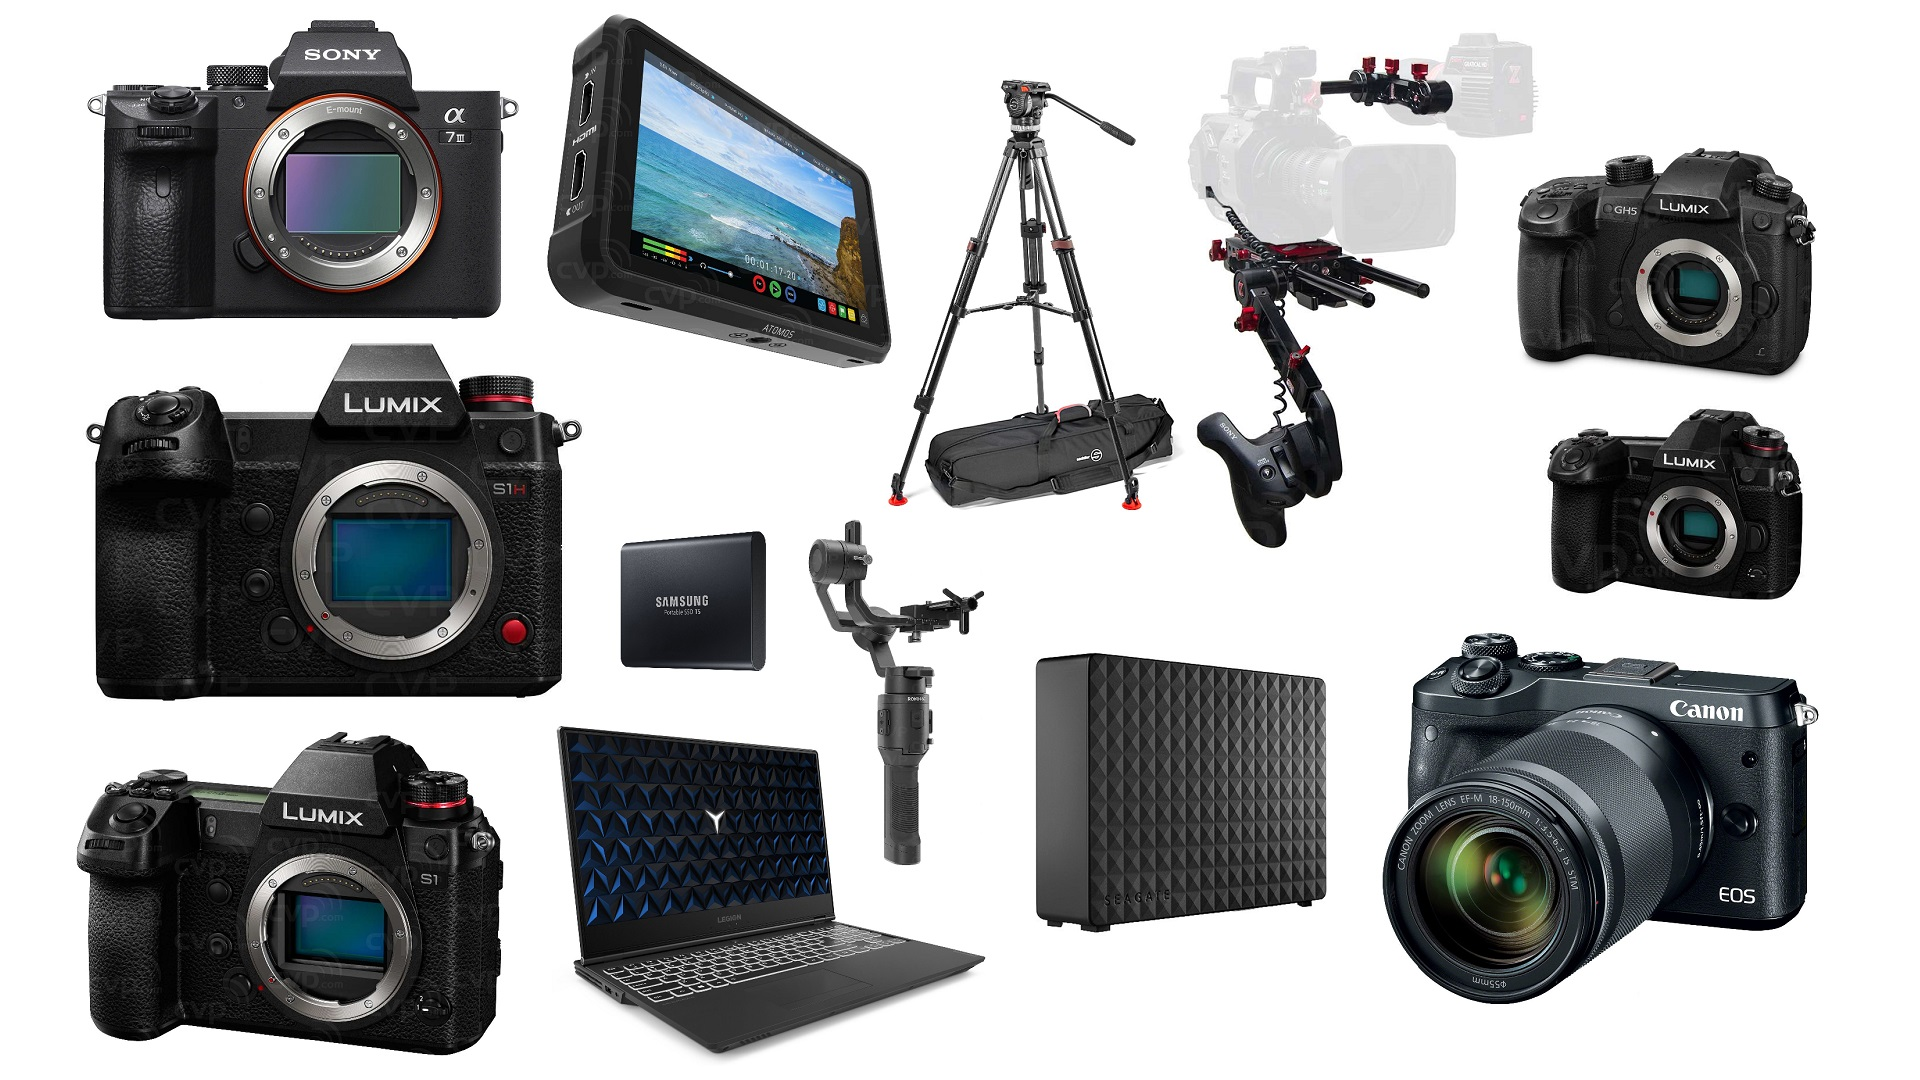 Las mejores ofertas de esta semana para cineastas - Sony a7 III, Canon M6, LUMIX S1, S1H, GH5 y G9, Trípode Sachtler y más